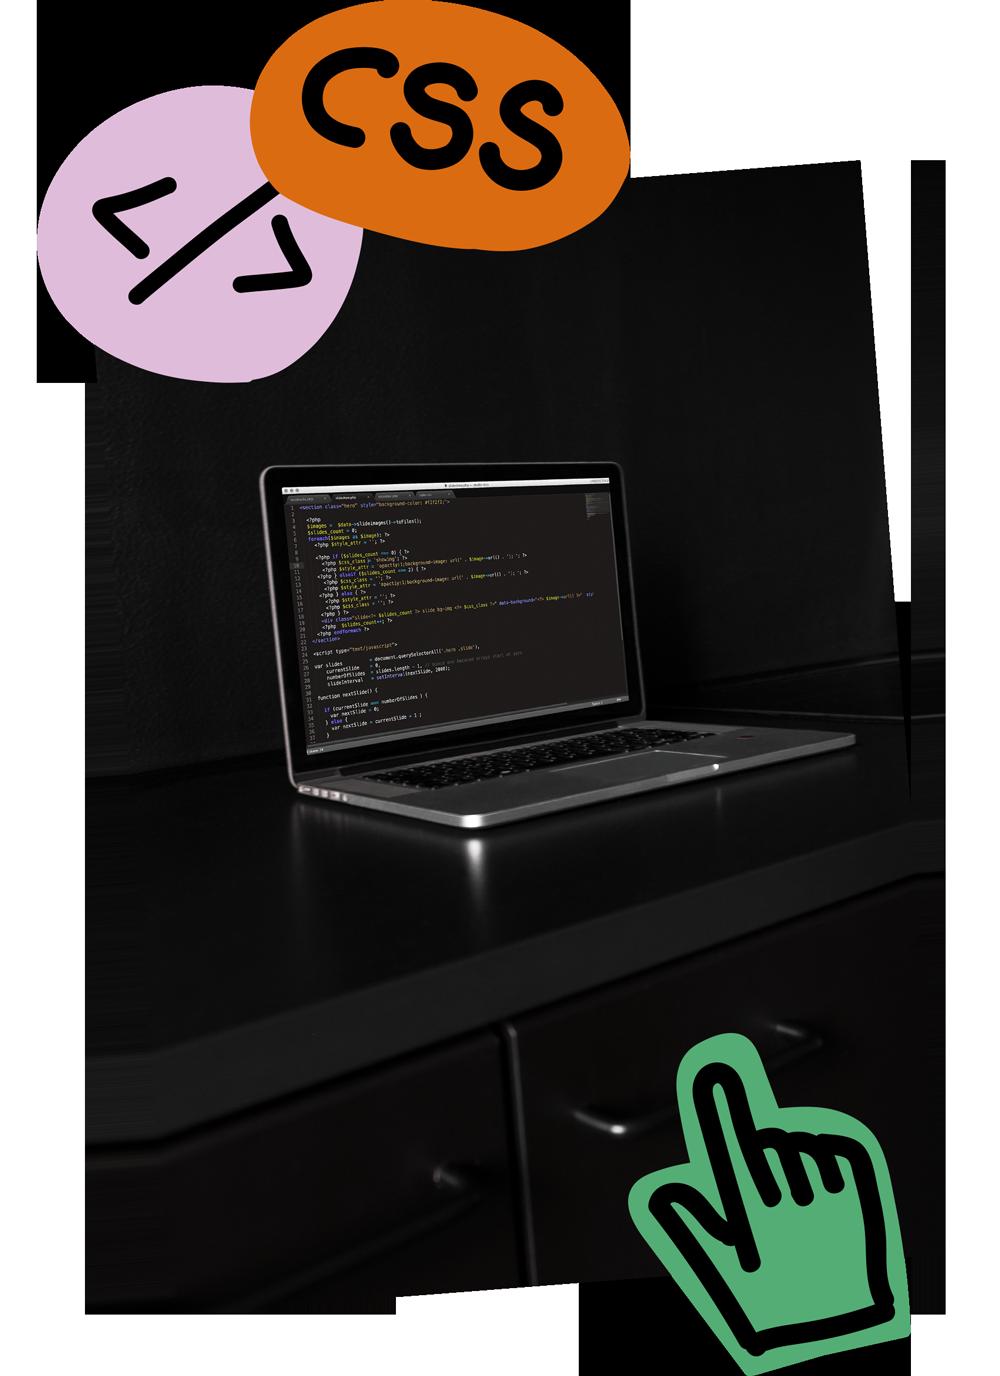 Offener Laptop, Programmier Code einer Webseite auf dem Screen